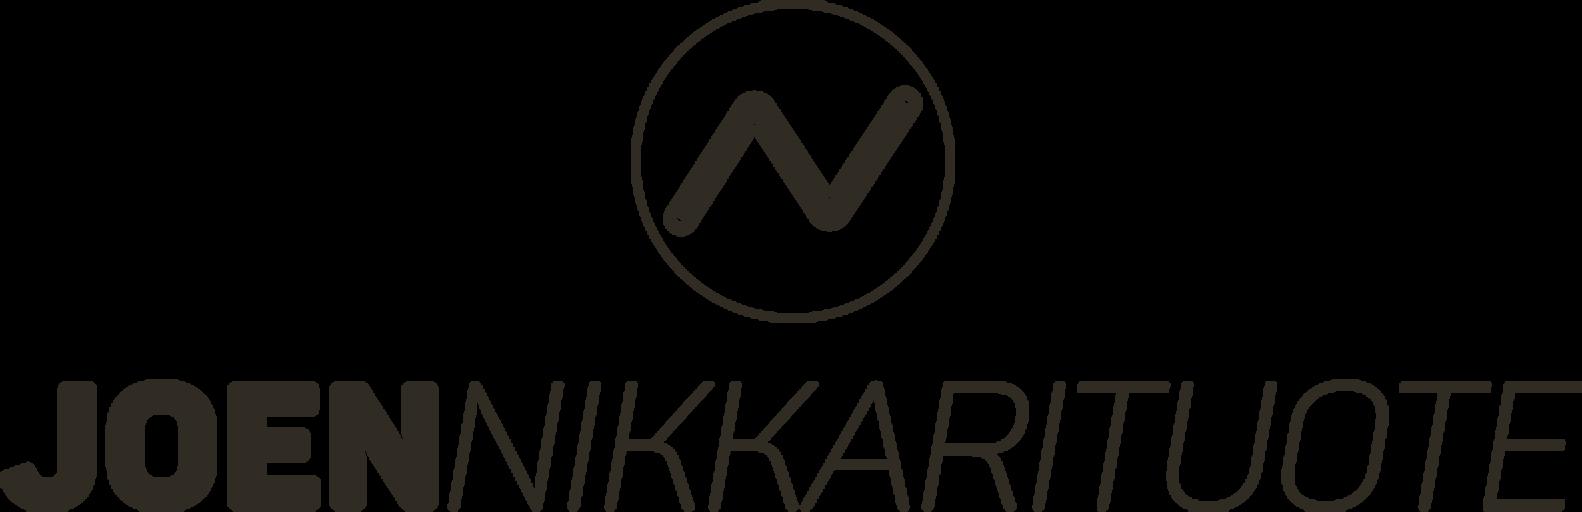 Joen Nikkarituote logo